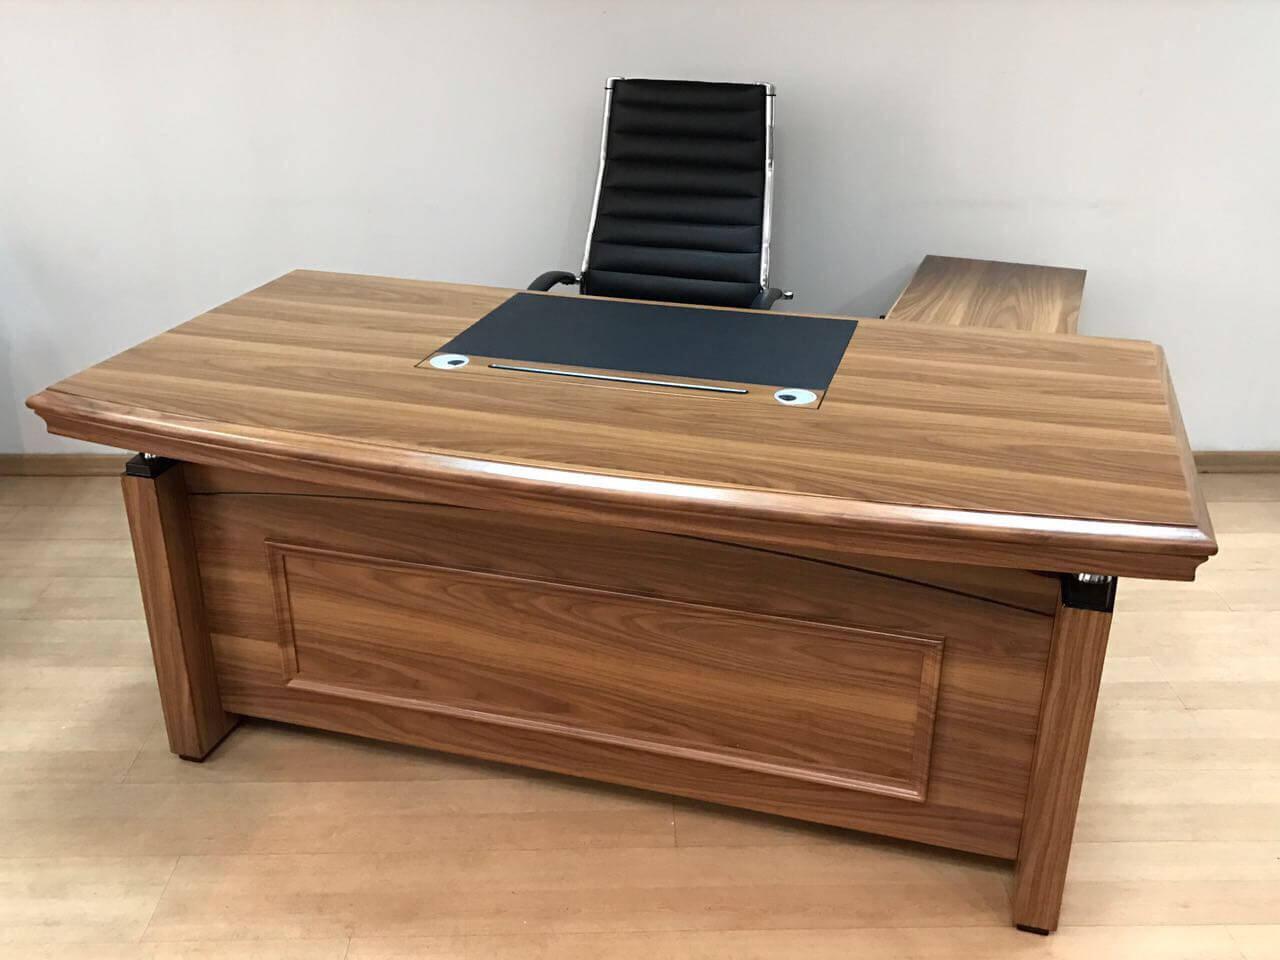 שולחן מנהל דגם A-06 אגוז